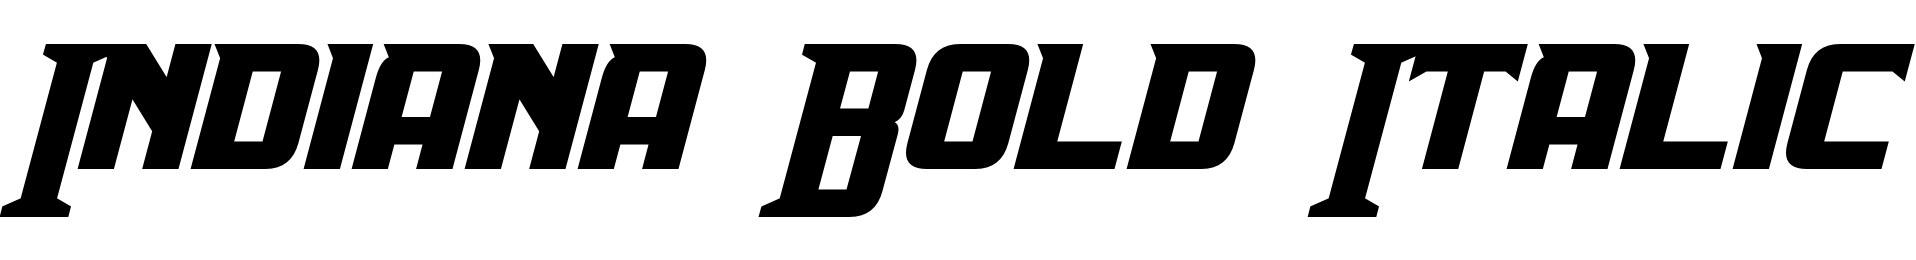 Indiana Bold Italic